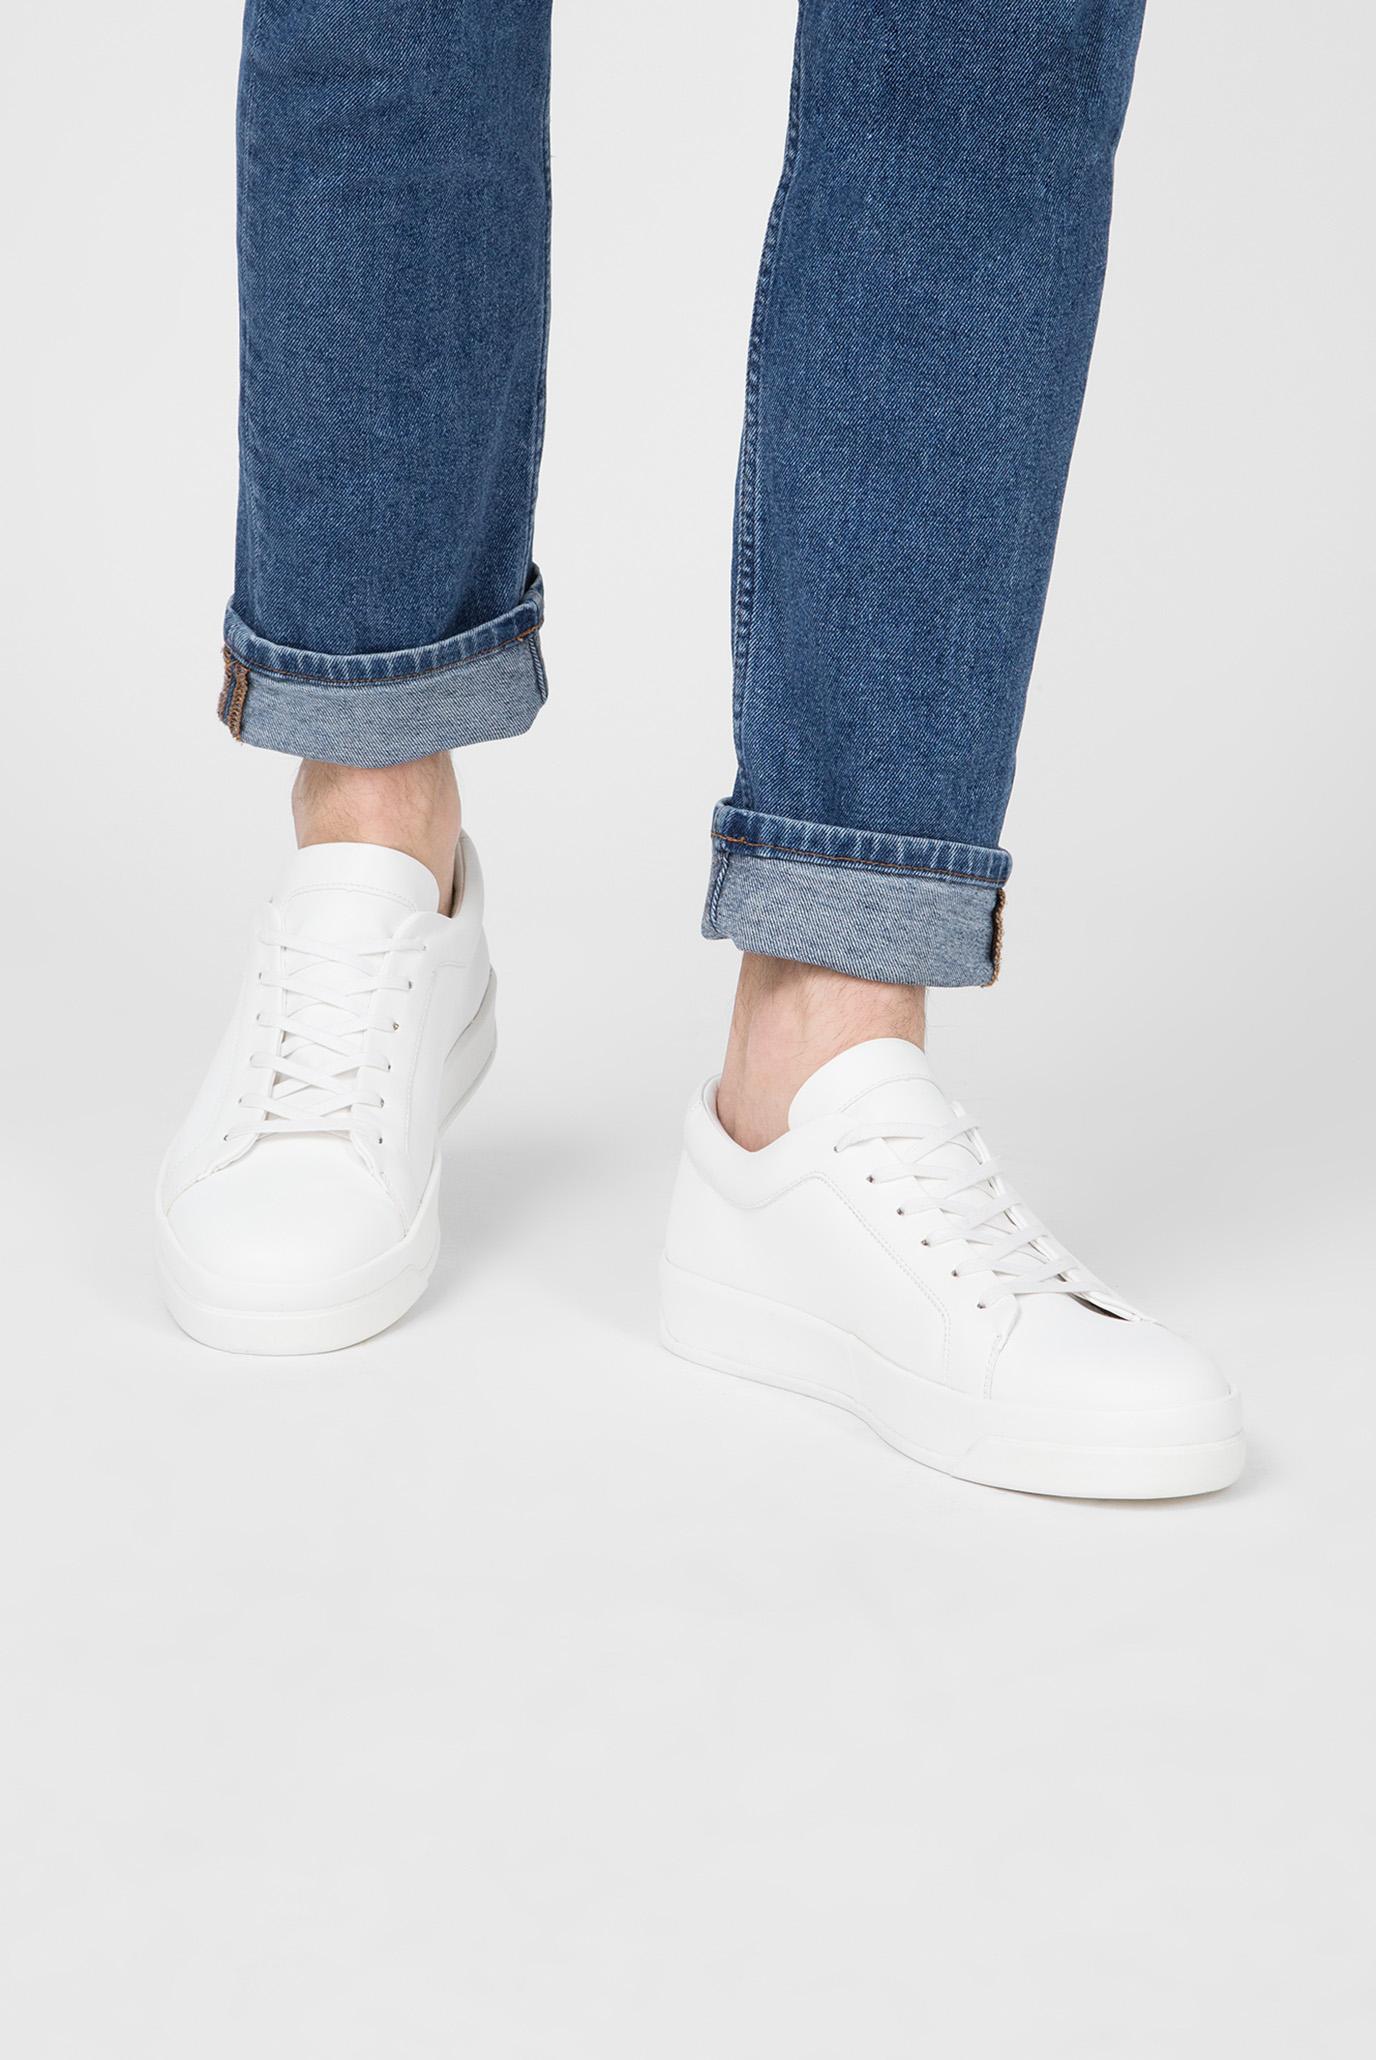 Купить Мужские белые кеды FAUSTO Calvin Klein Calvin Klein F1280 – Киев, Украина. Цены в интернет магазине MD Fashion